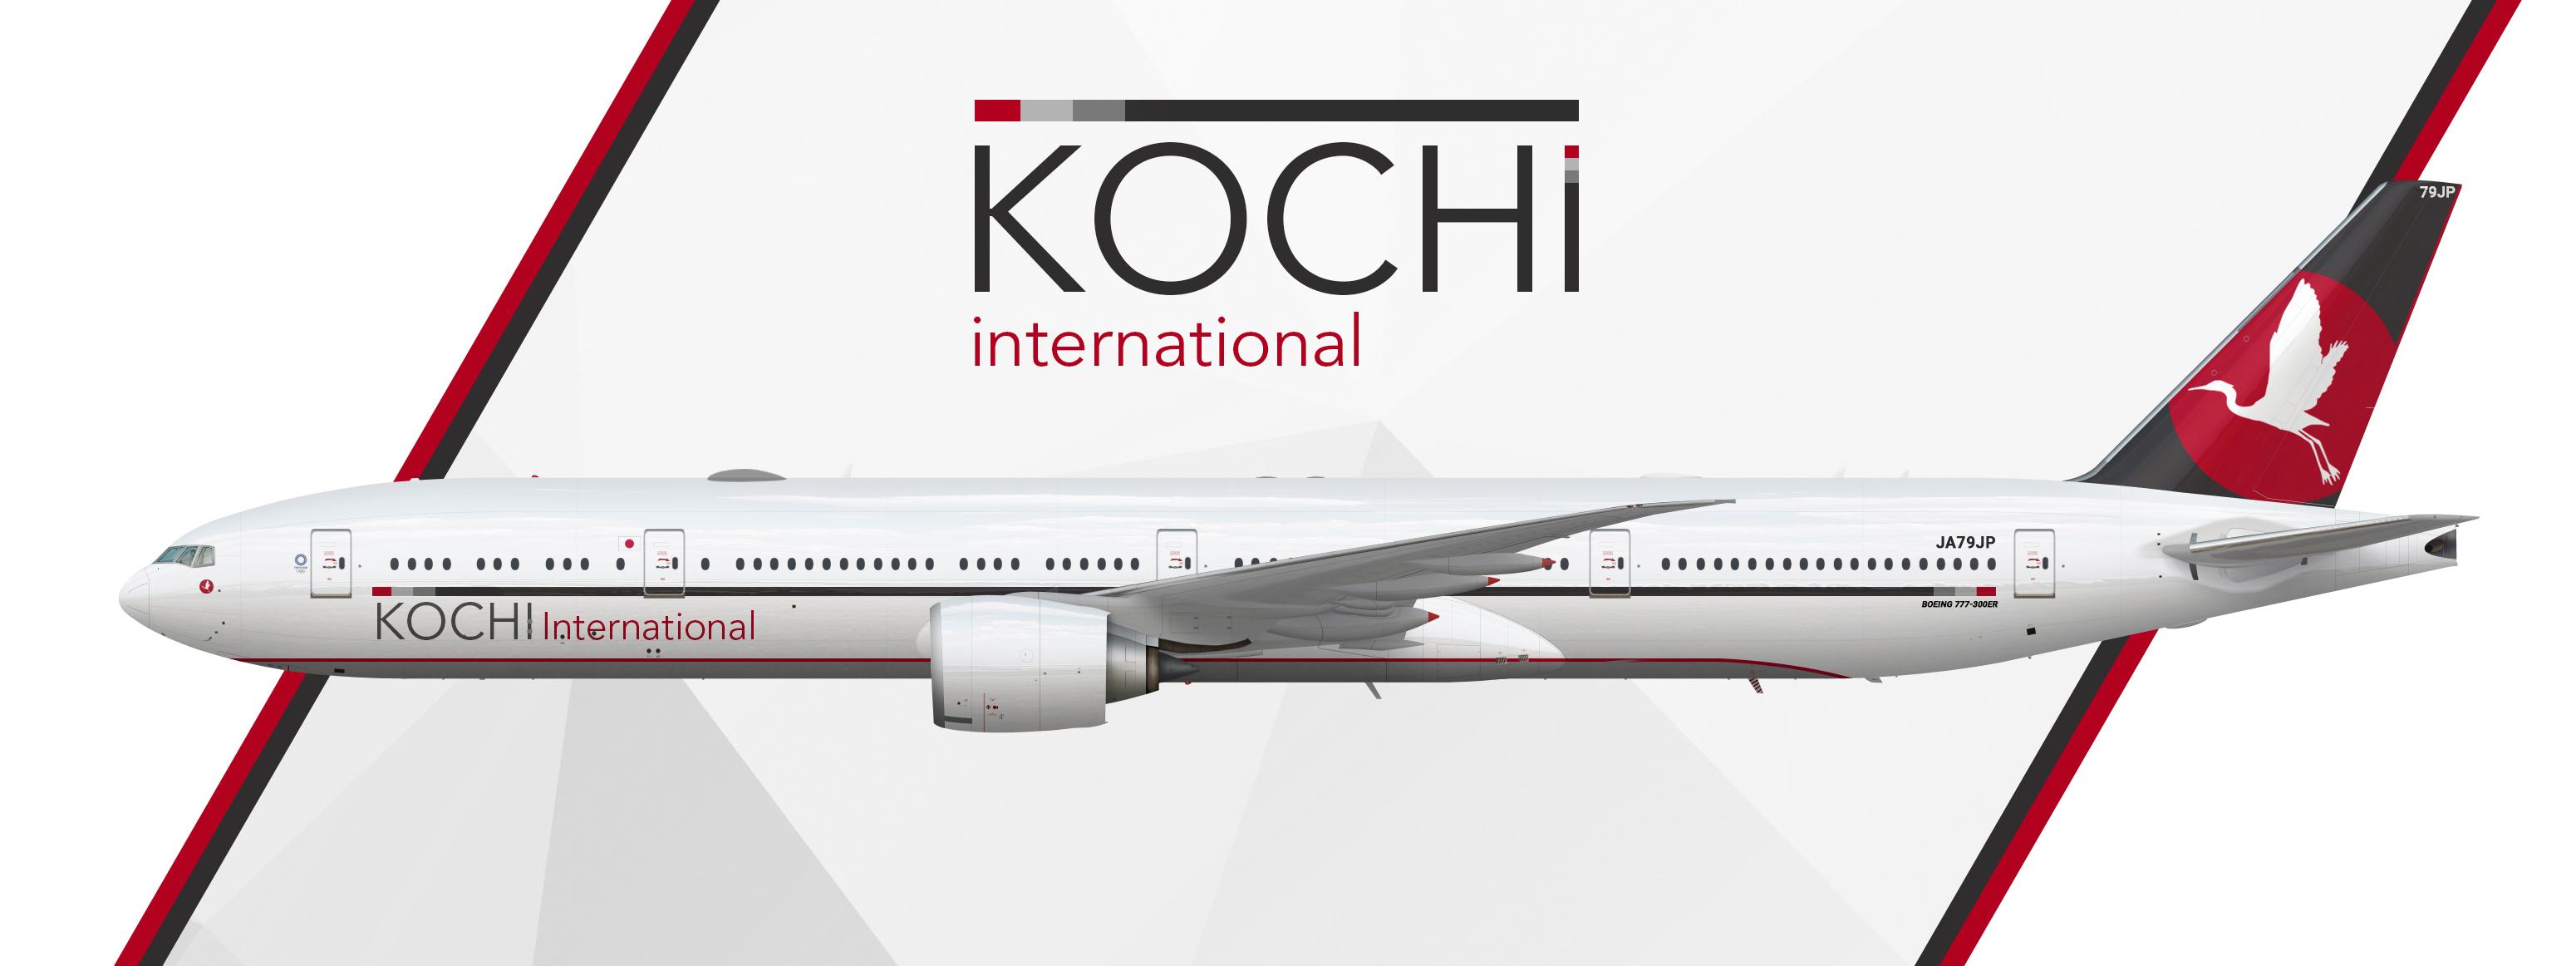 Boeing-777-300-ER-Kochi-Velocity-livery.